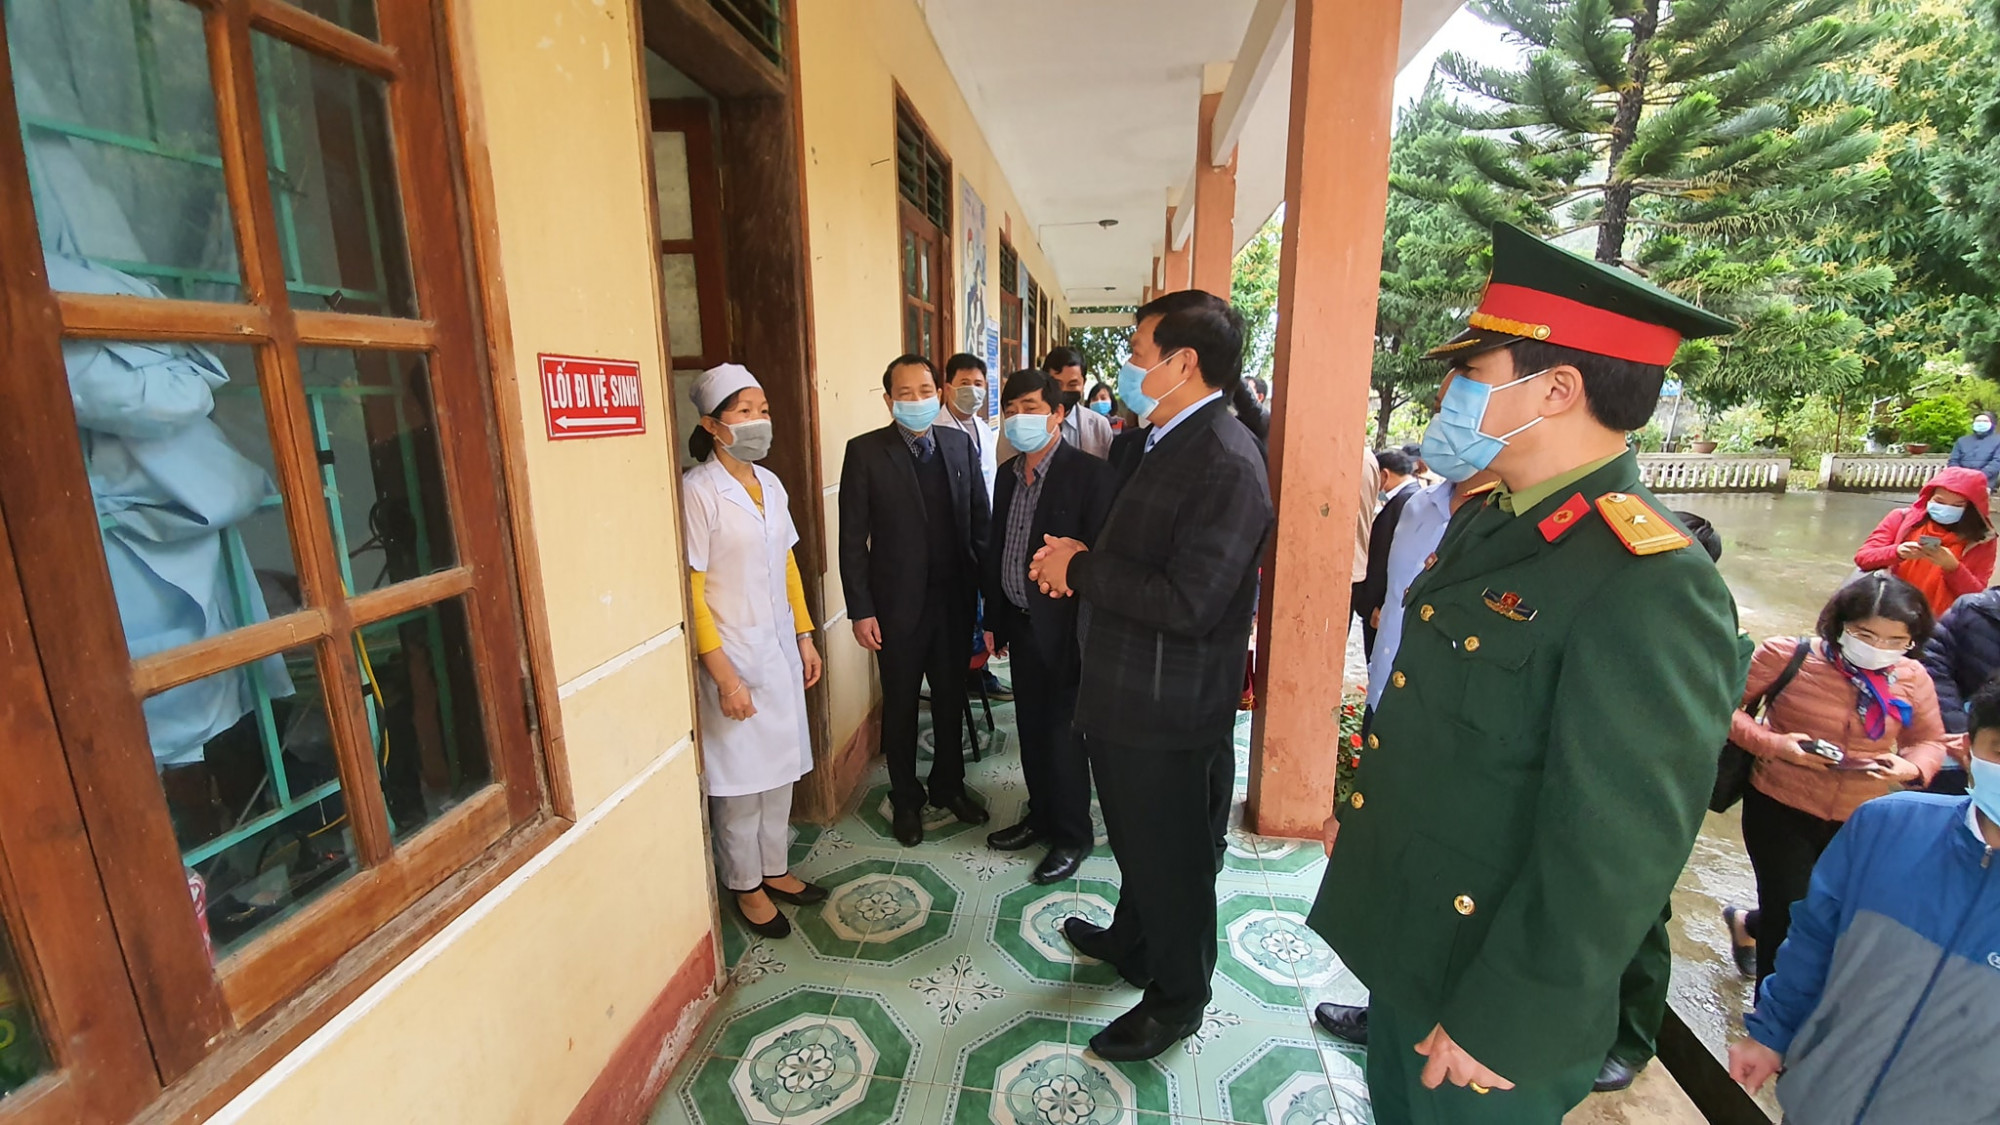 Giám sát tại các bệnh viện: 13 + Số bệnh nhân người Trung Quốc điều trị tại các bệnh viện: 0 + Số trường hợp nghi ngờ nhiễm nCoV được báo cáo: 13